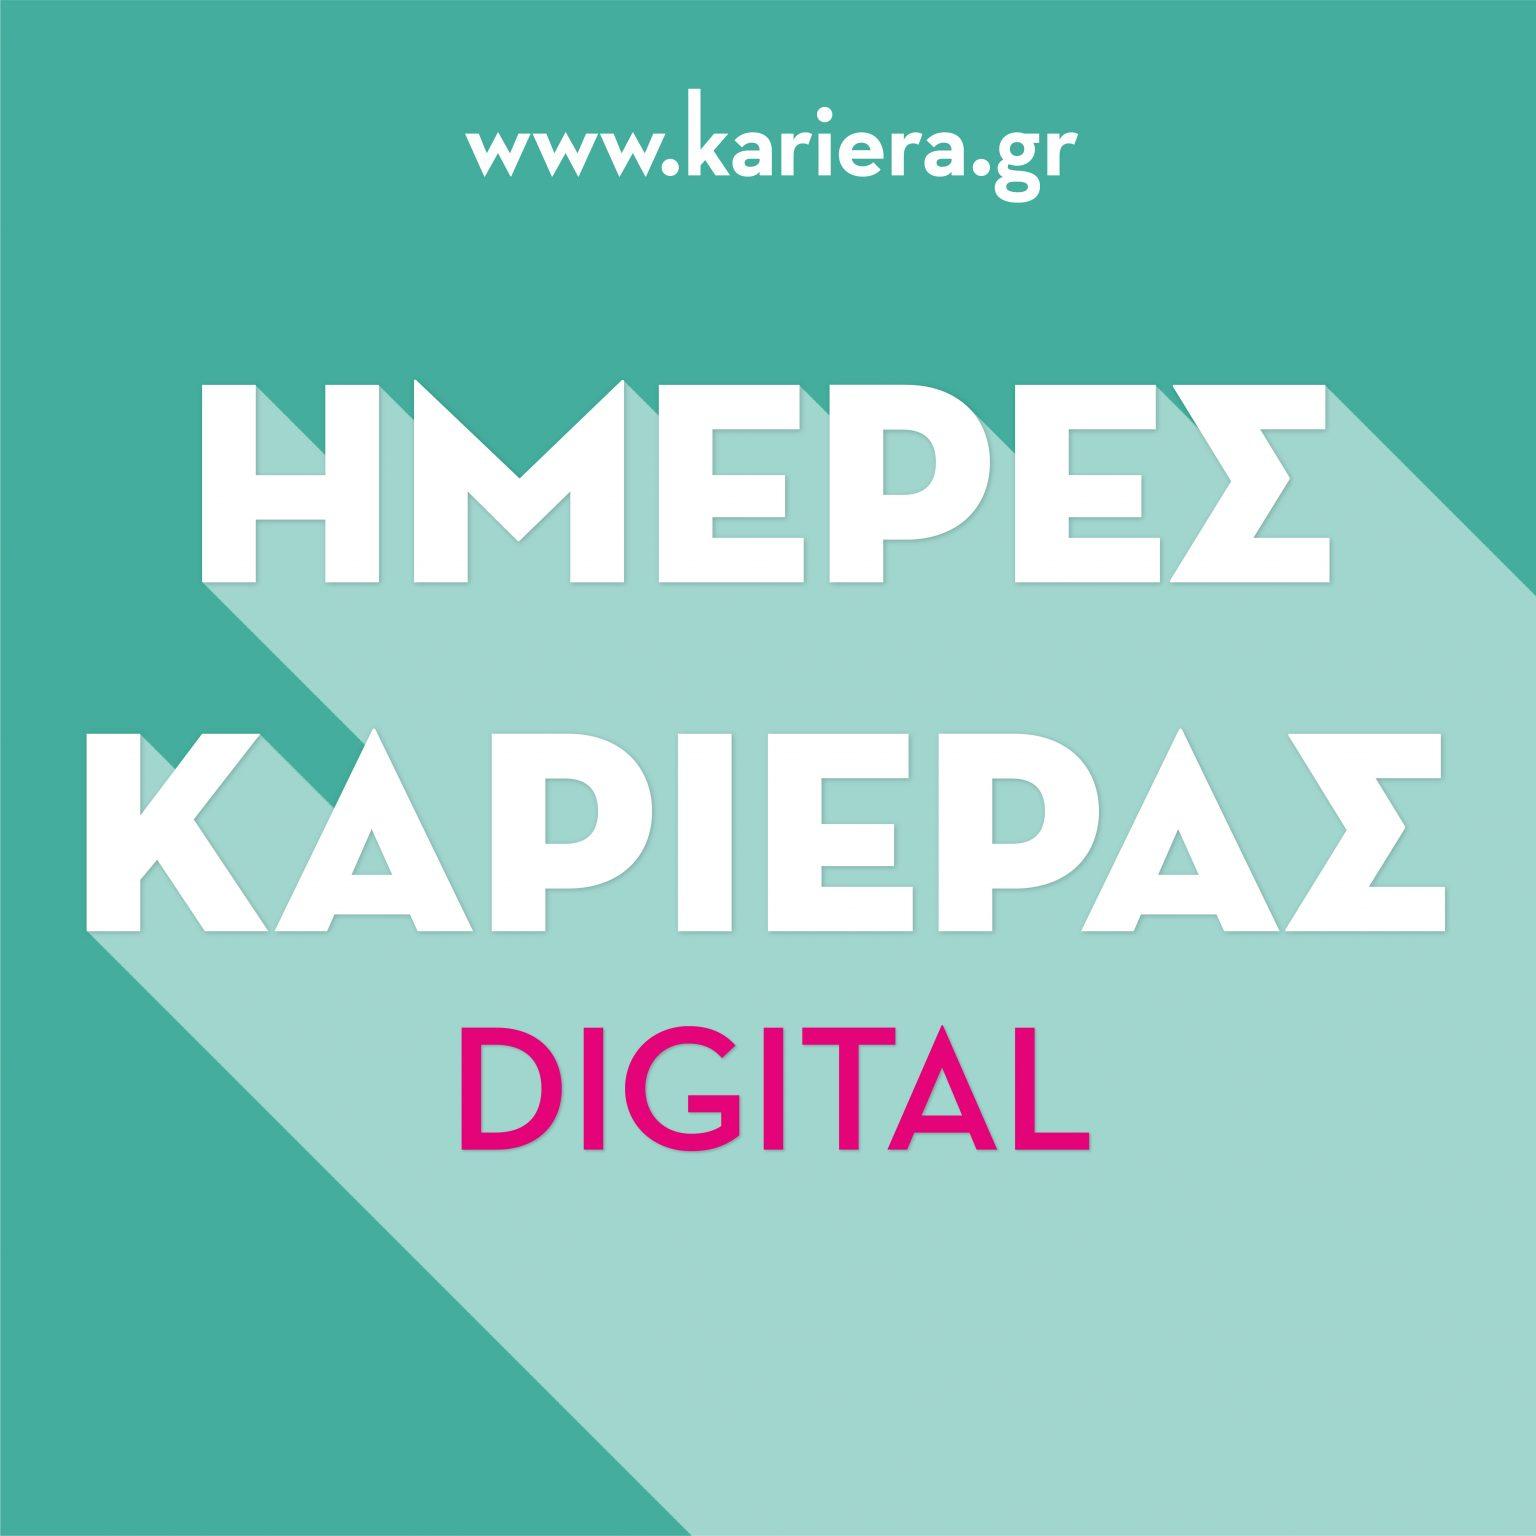 Ψάχνεις για δουλειά; Ημέρες Καριέρας Digital!